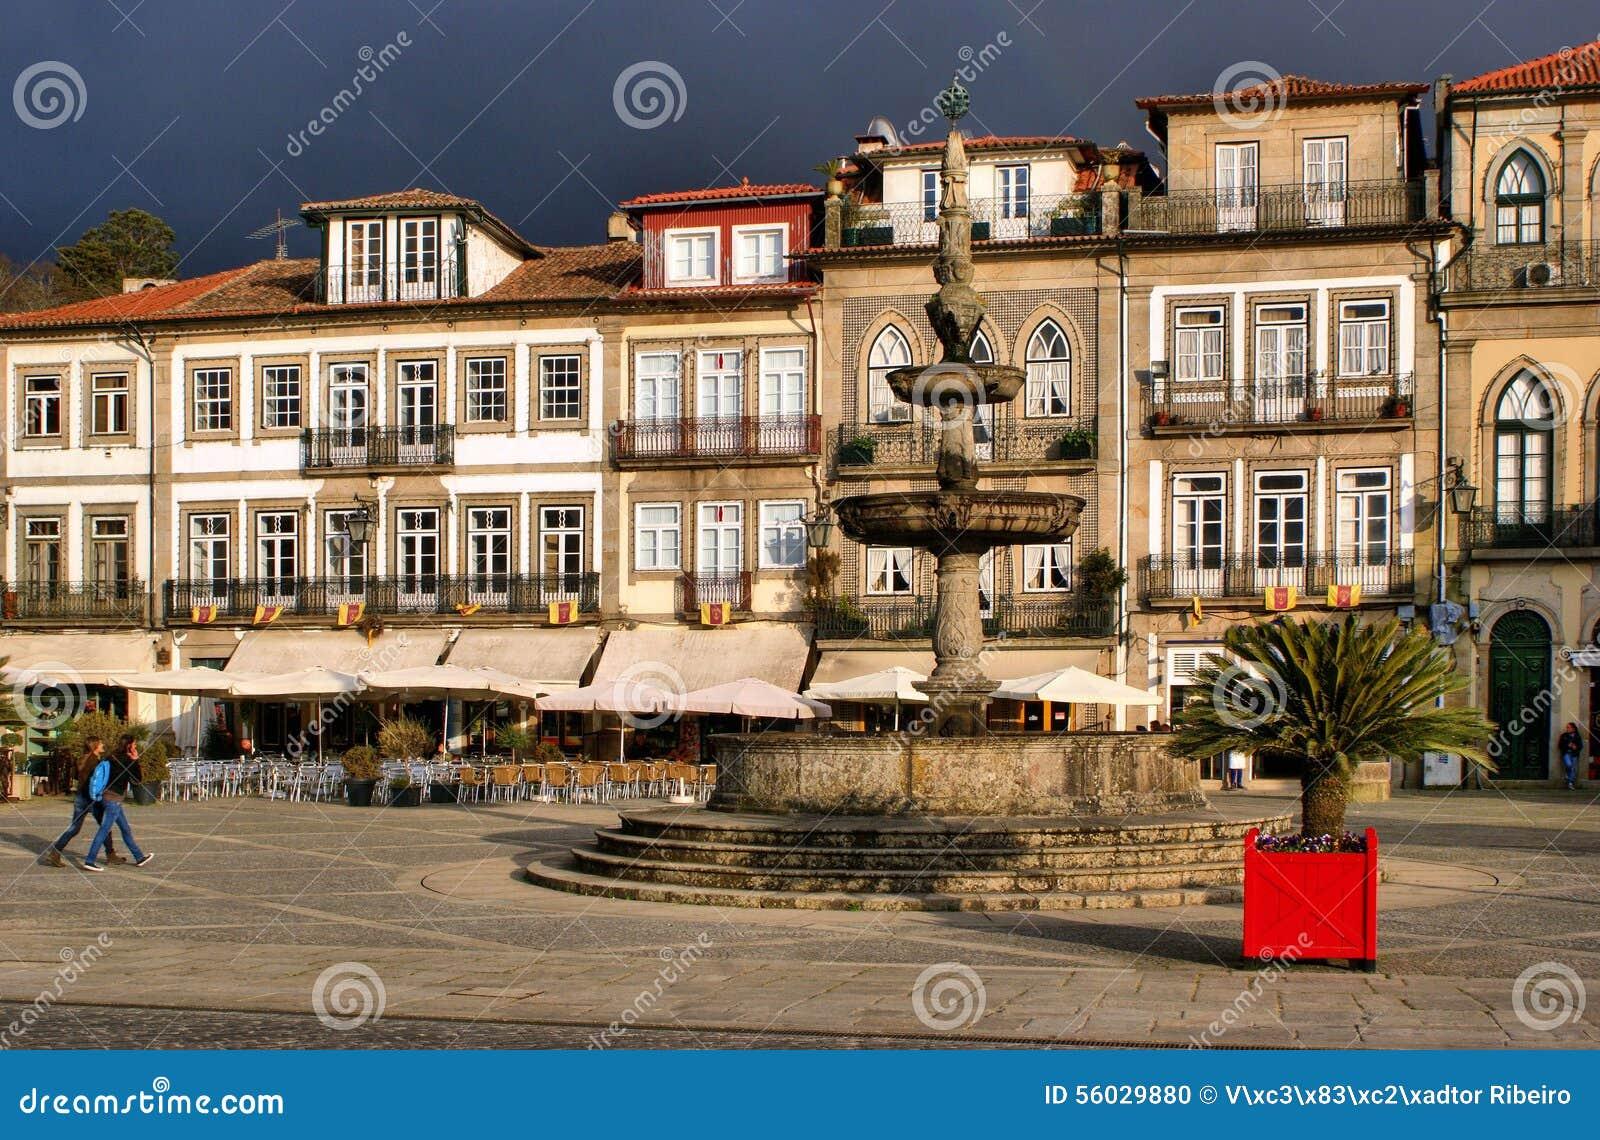 Main square Largo de Camoes